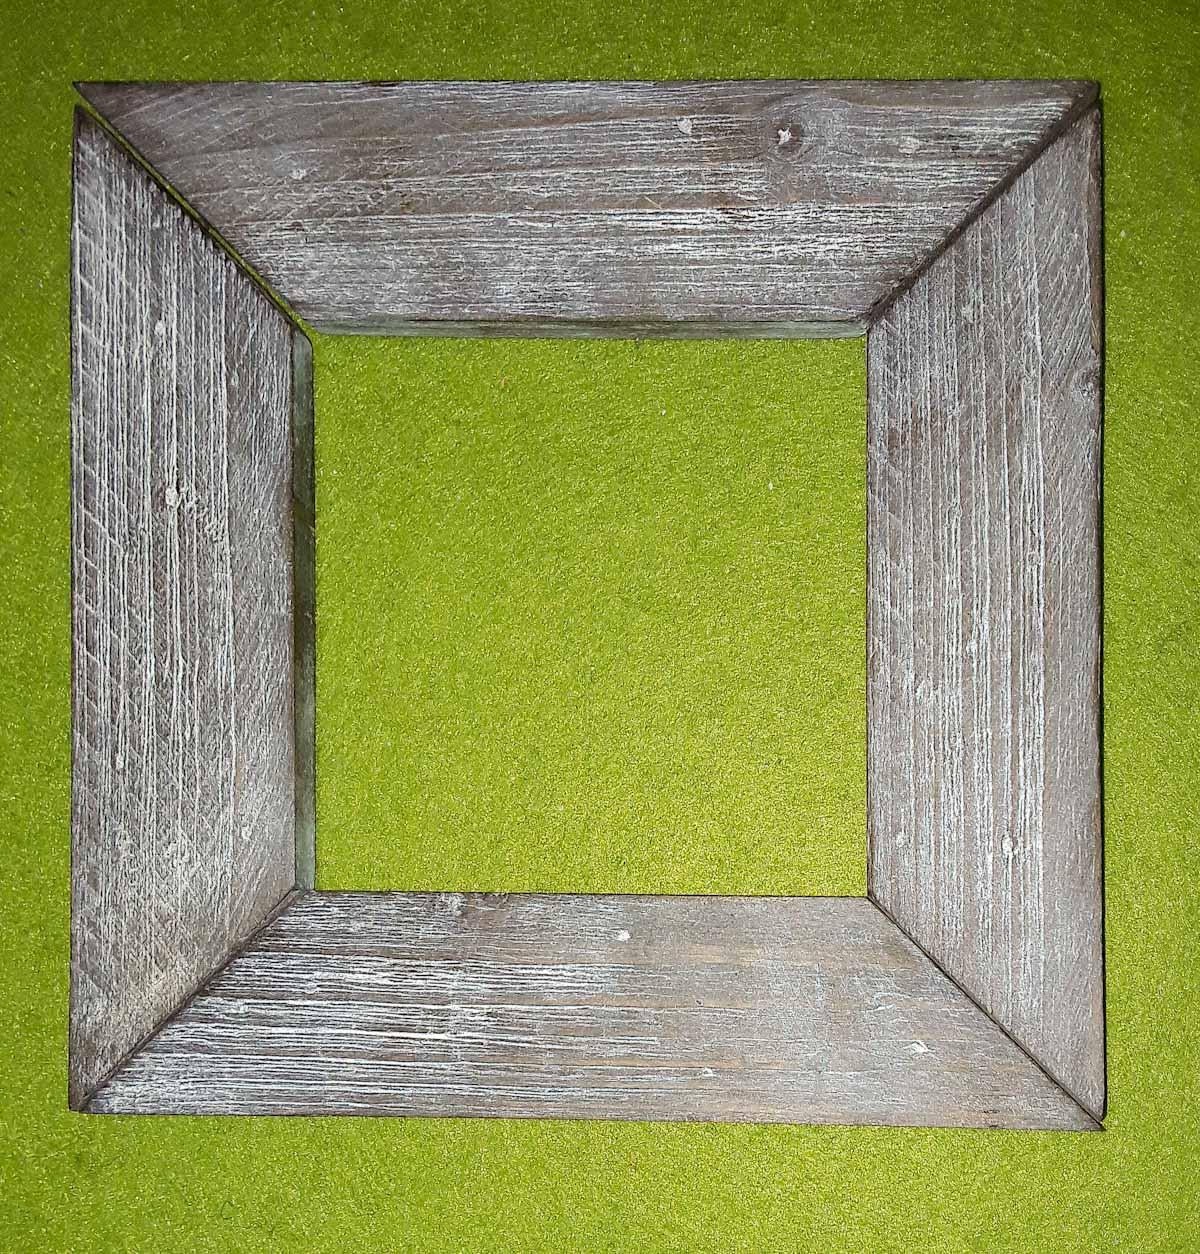 Rahmen aus Kiefernleisten, auf alt getrimmt mit Essig-Stahlwolle-Beize und Kaolin